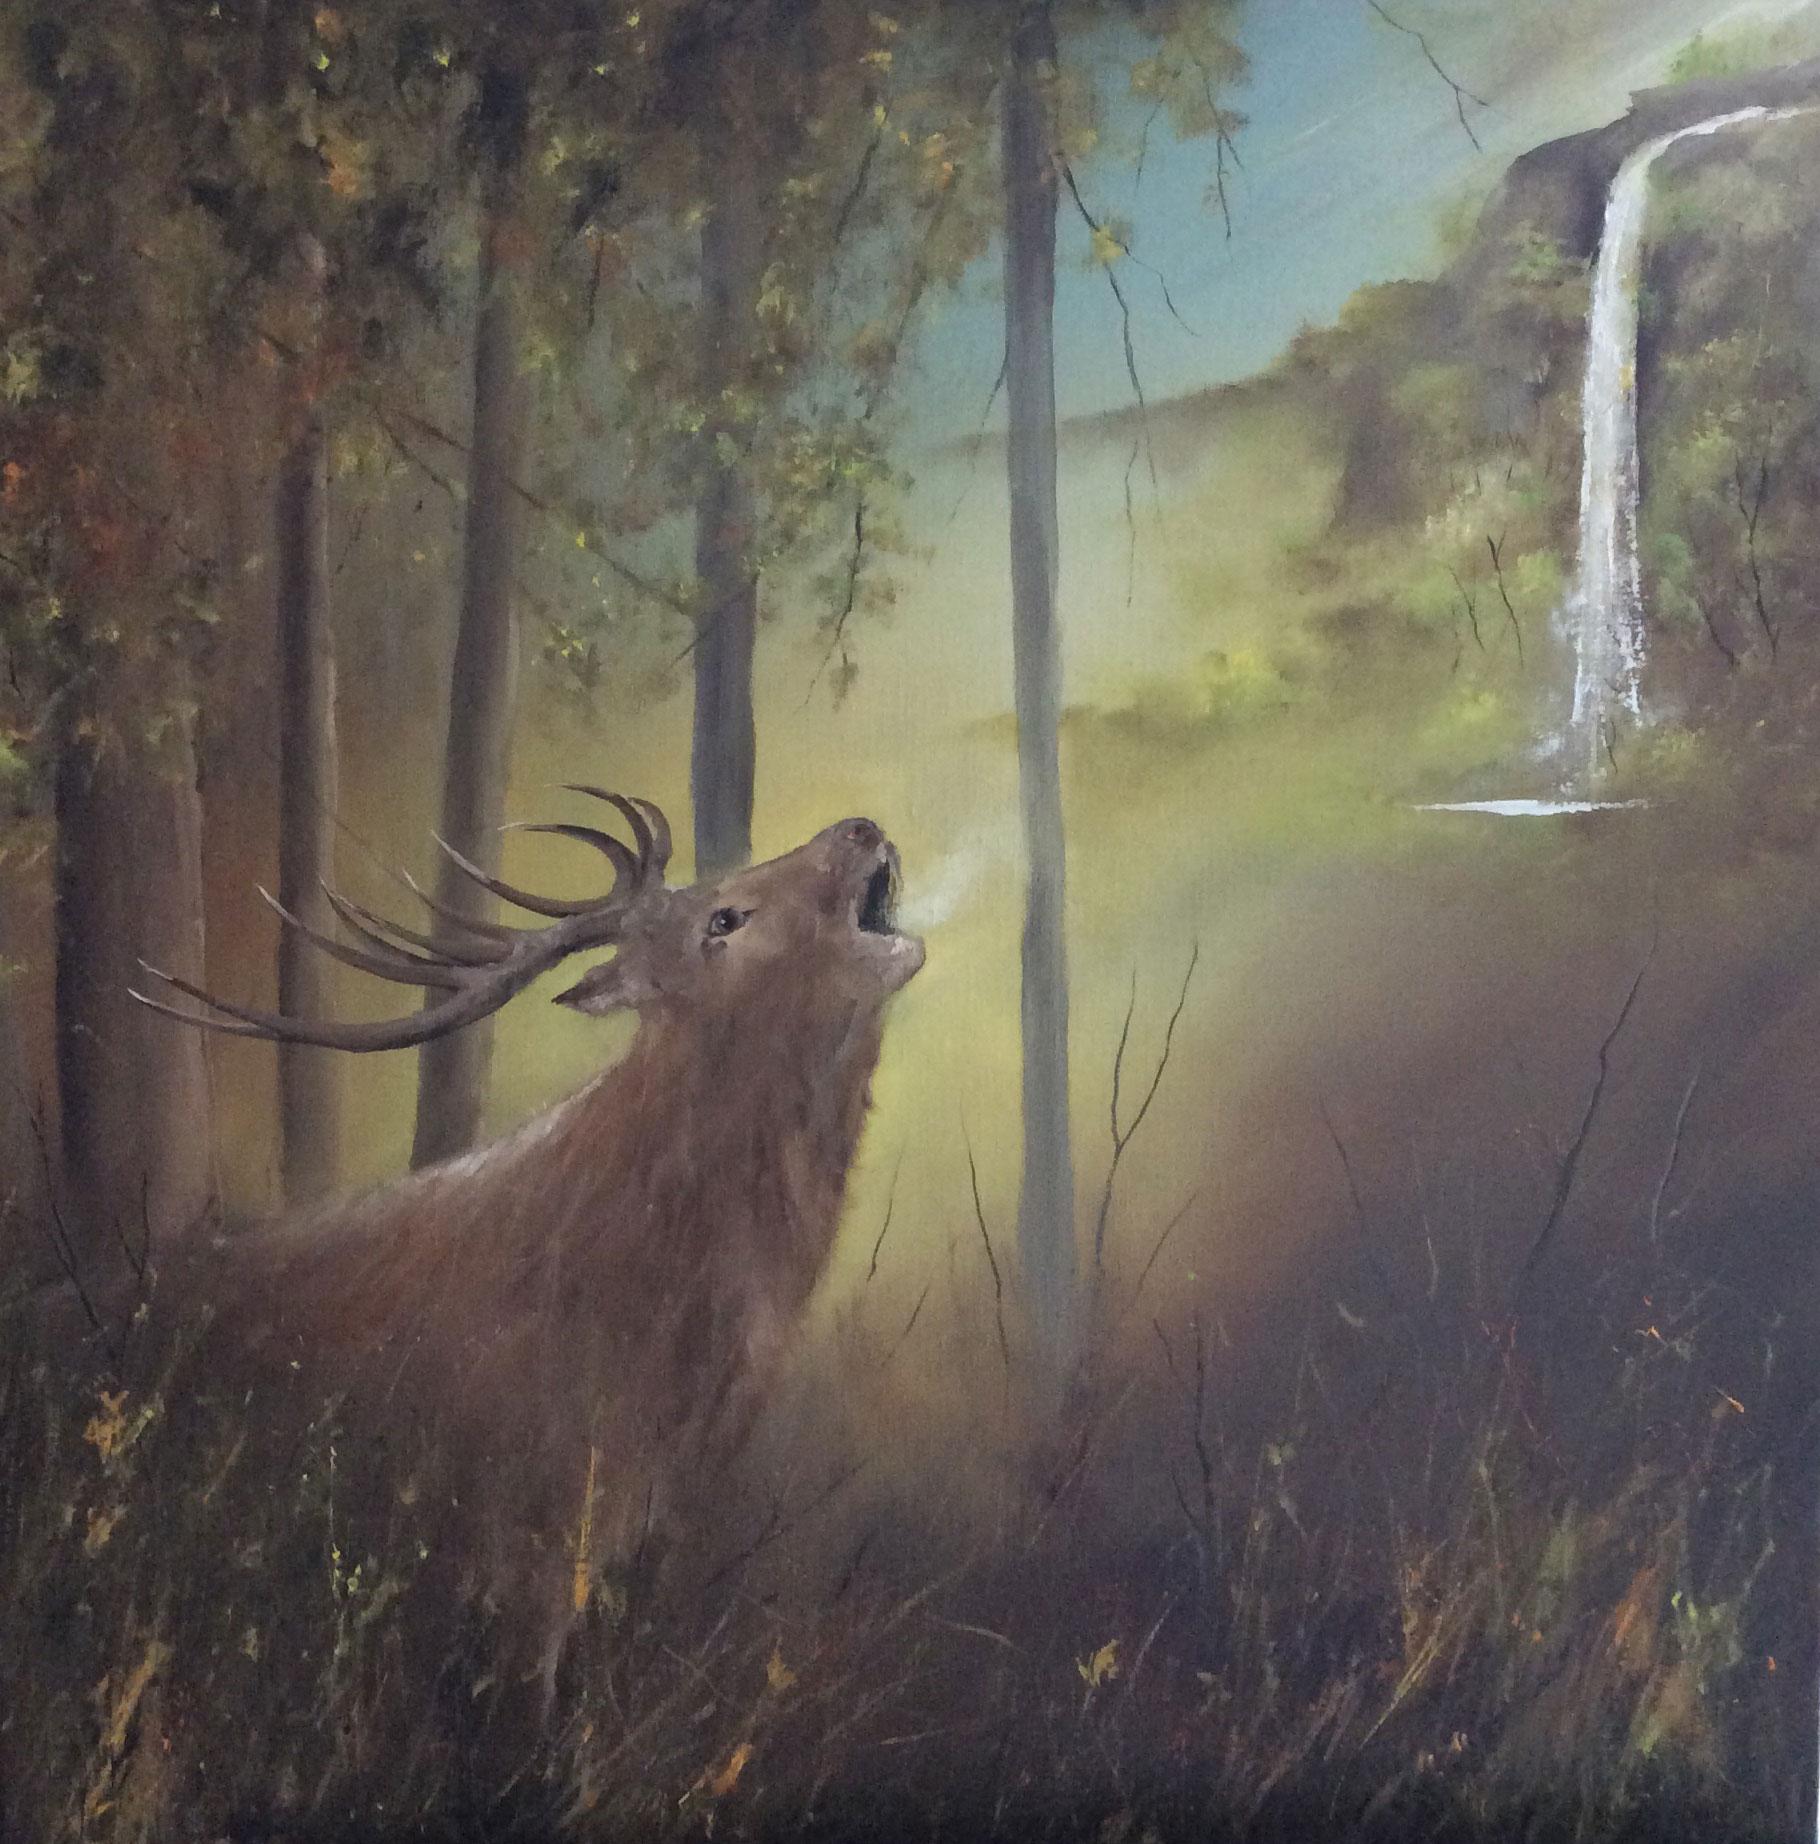 hijgend hert der jacht ontkomen ,schreeuwt niet sterker naar t genot, van de frisse waterstromen,dan mijn ziel verlangt naar God...psalm 42. Olieverf formaat 80/80 cm